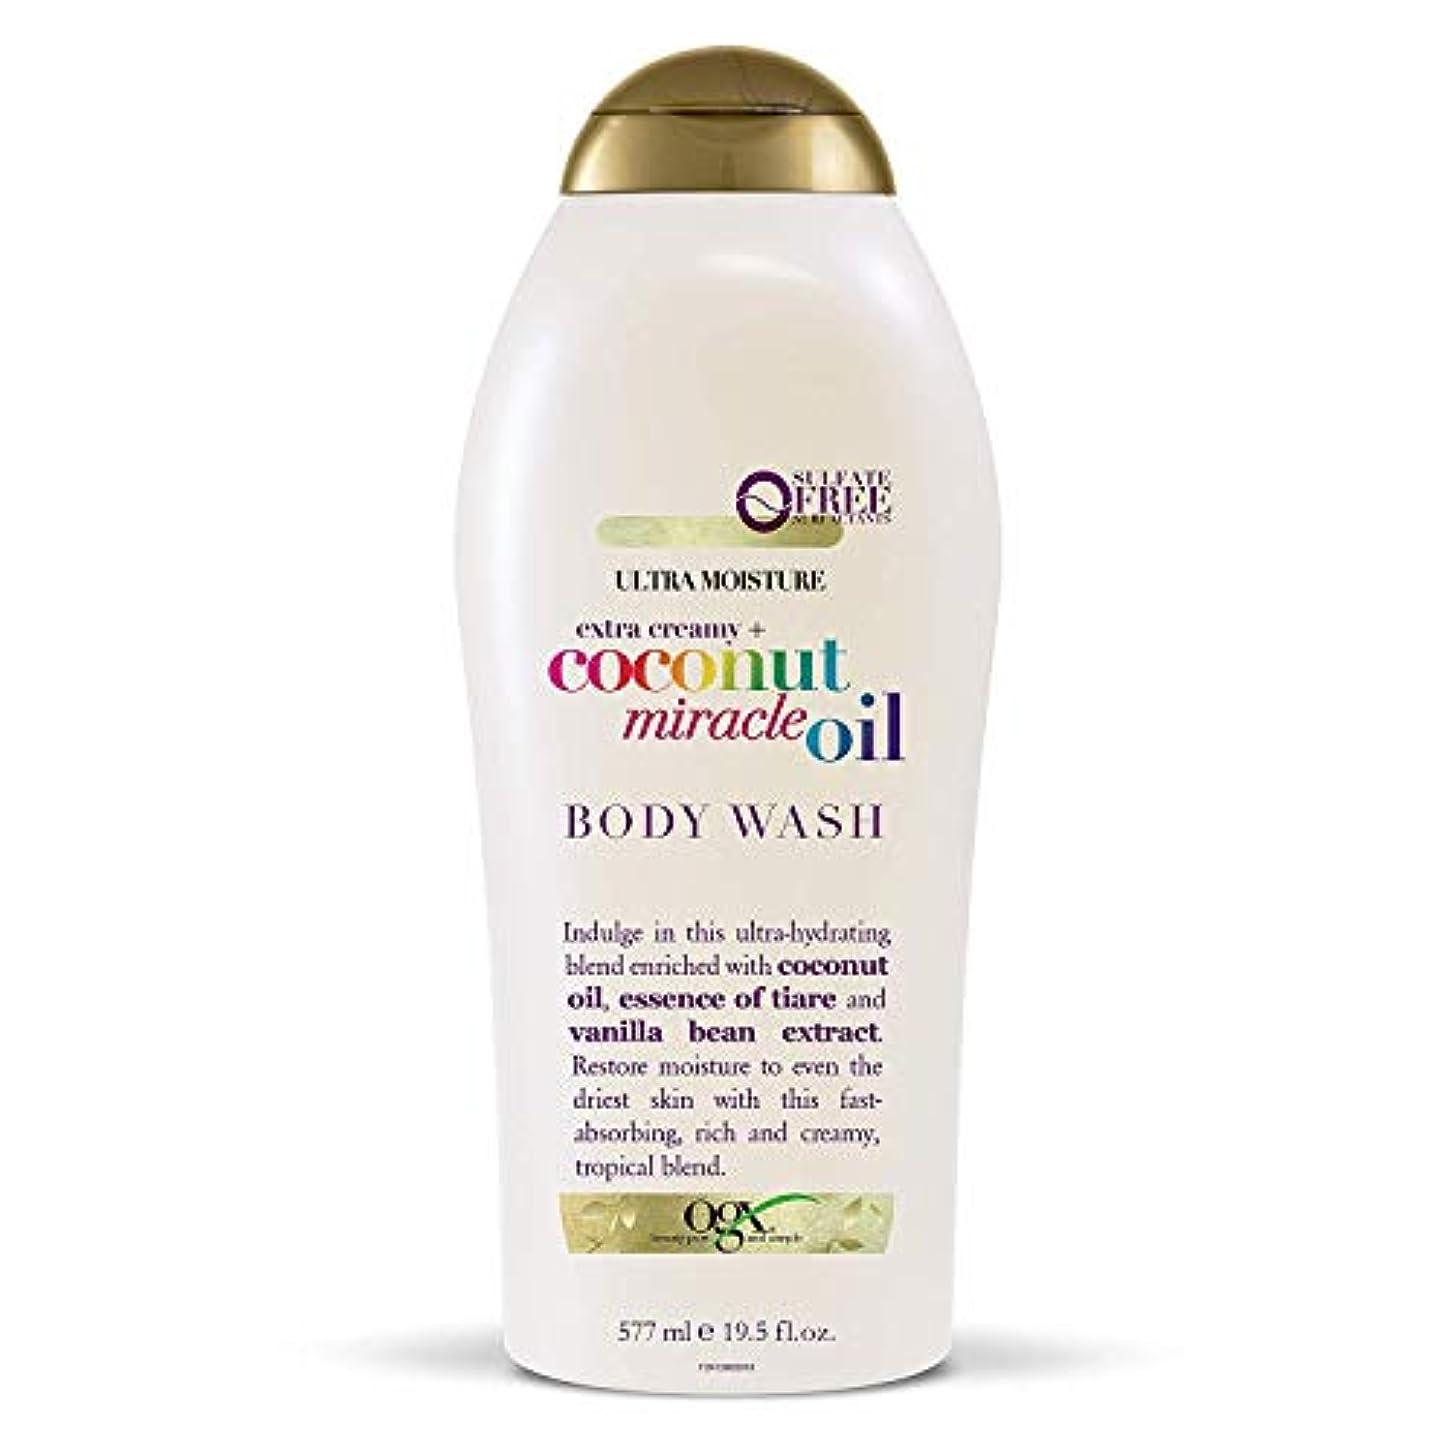 溶けた暗記するアライメントOgx Body Wash Coconut Miracle Oil Extra Strength 19.5oz OGX ココナッツミラクルオイル エクストラストレングス ボディウォッシュ 577ml [並行輸入品]